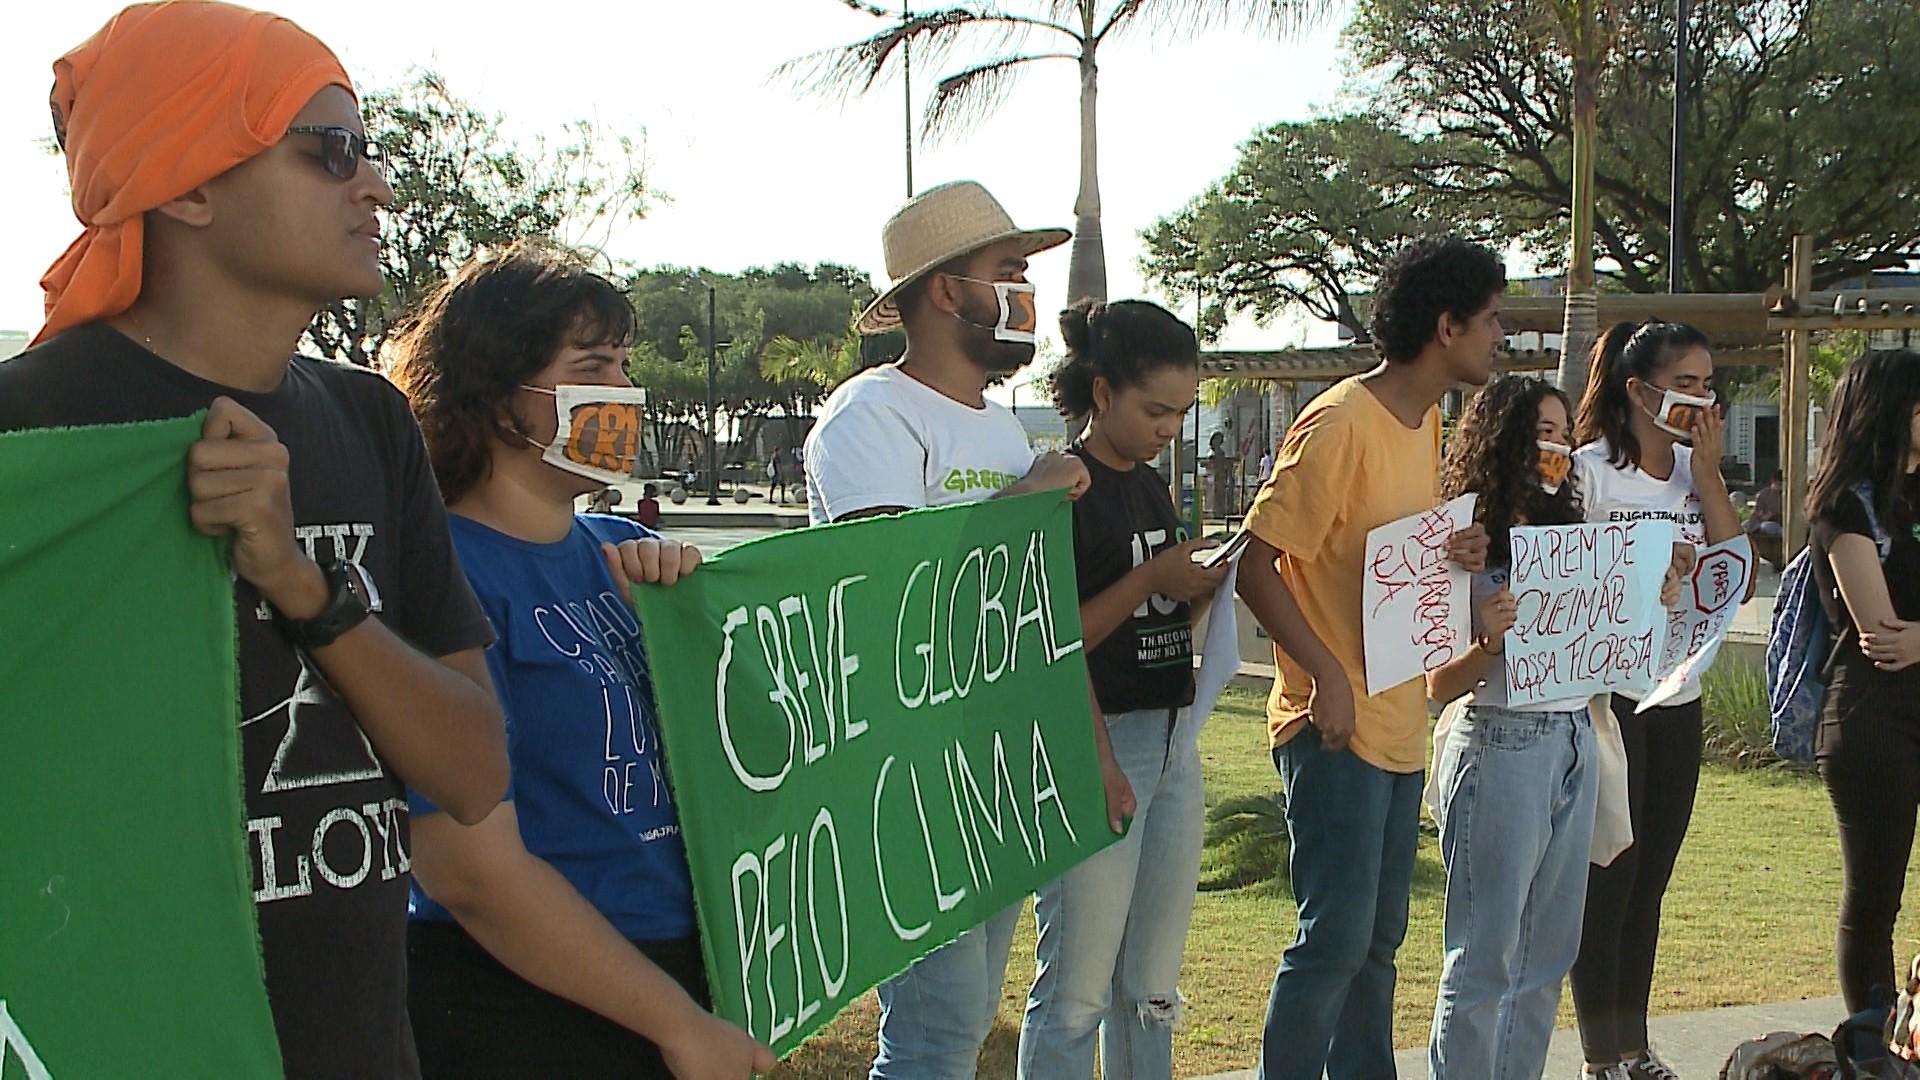 Ato reúne manifestantes em 'Greve global pelo clima' em São Luís - Notícias - Plantão Diário